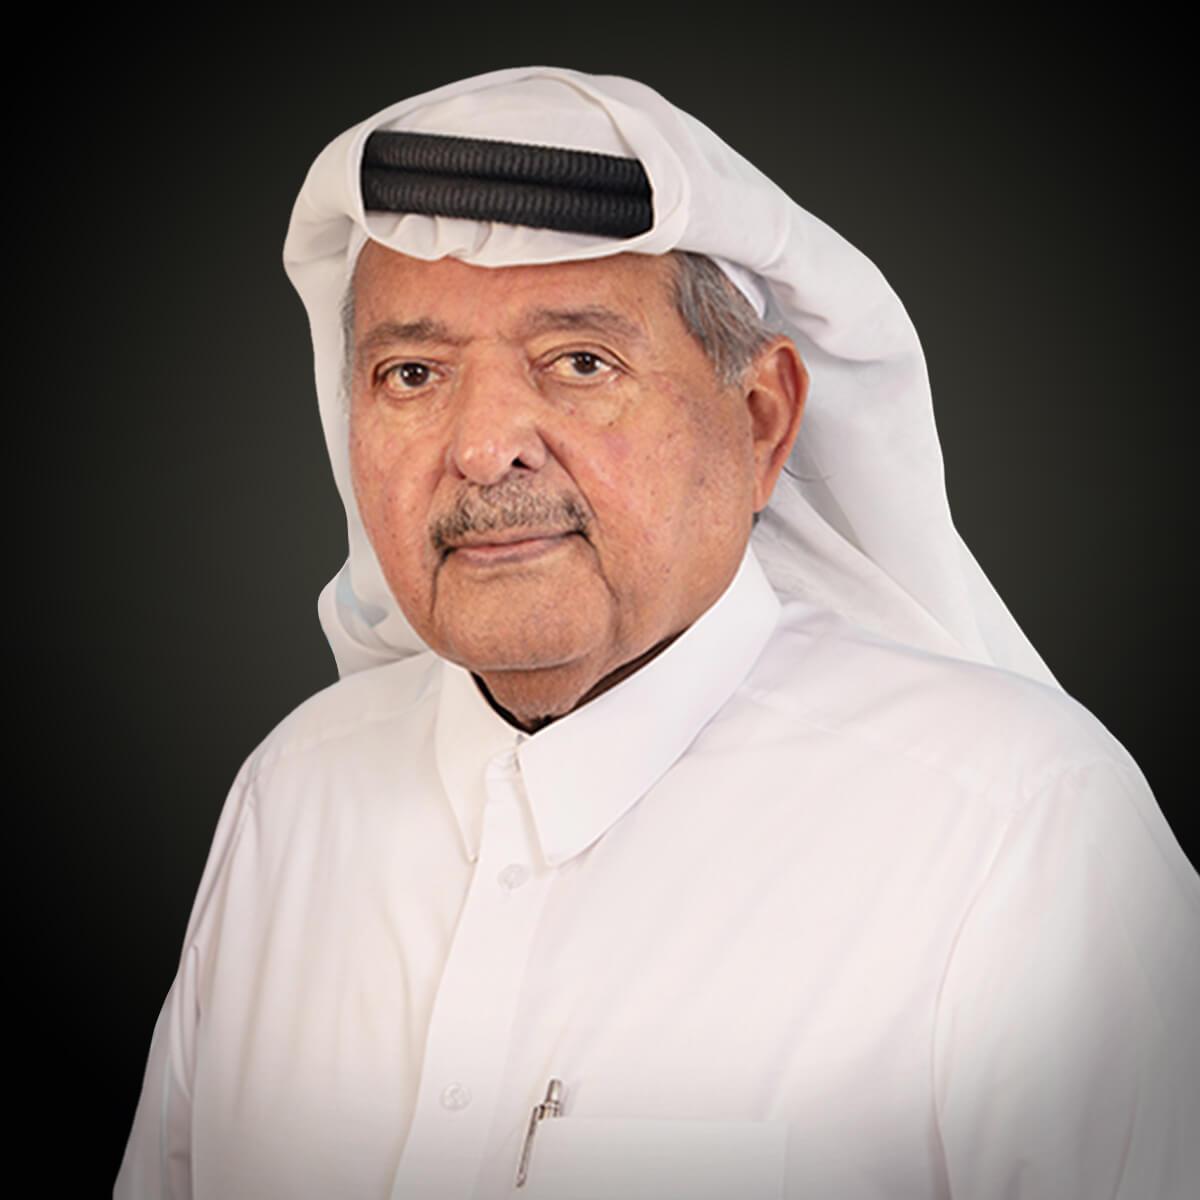 فيصل بن قاسم آل ثاني